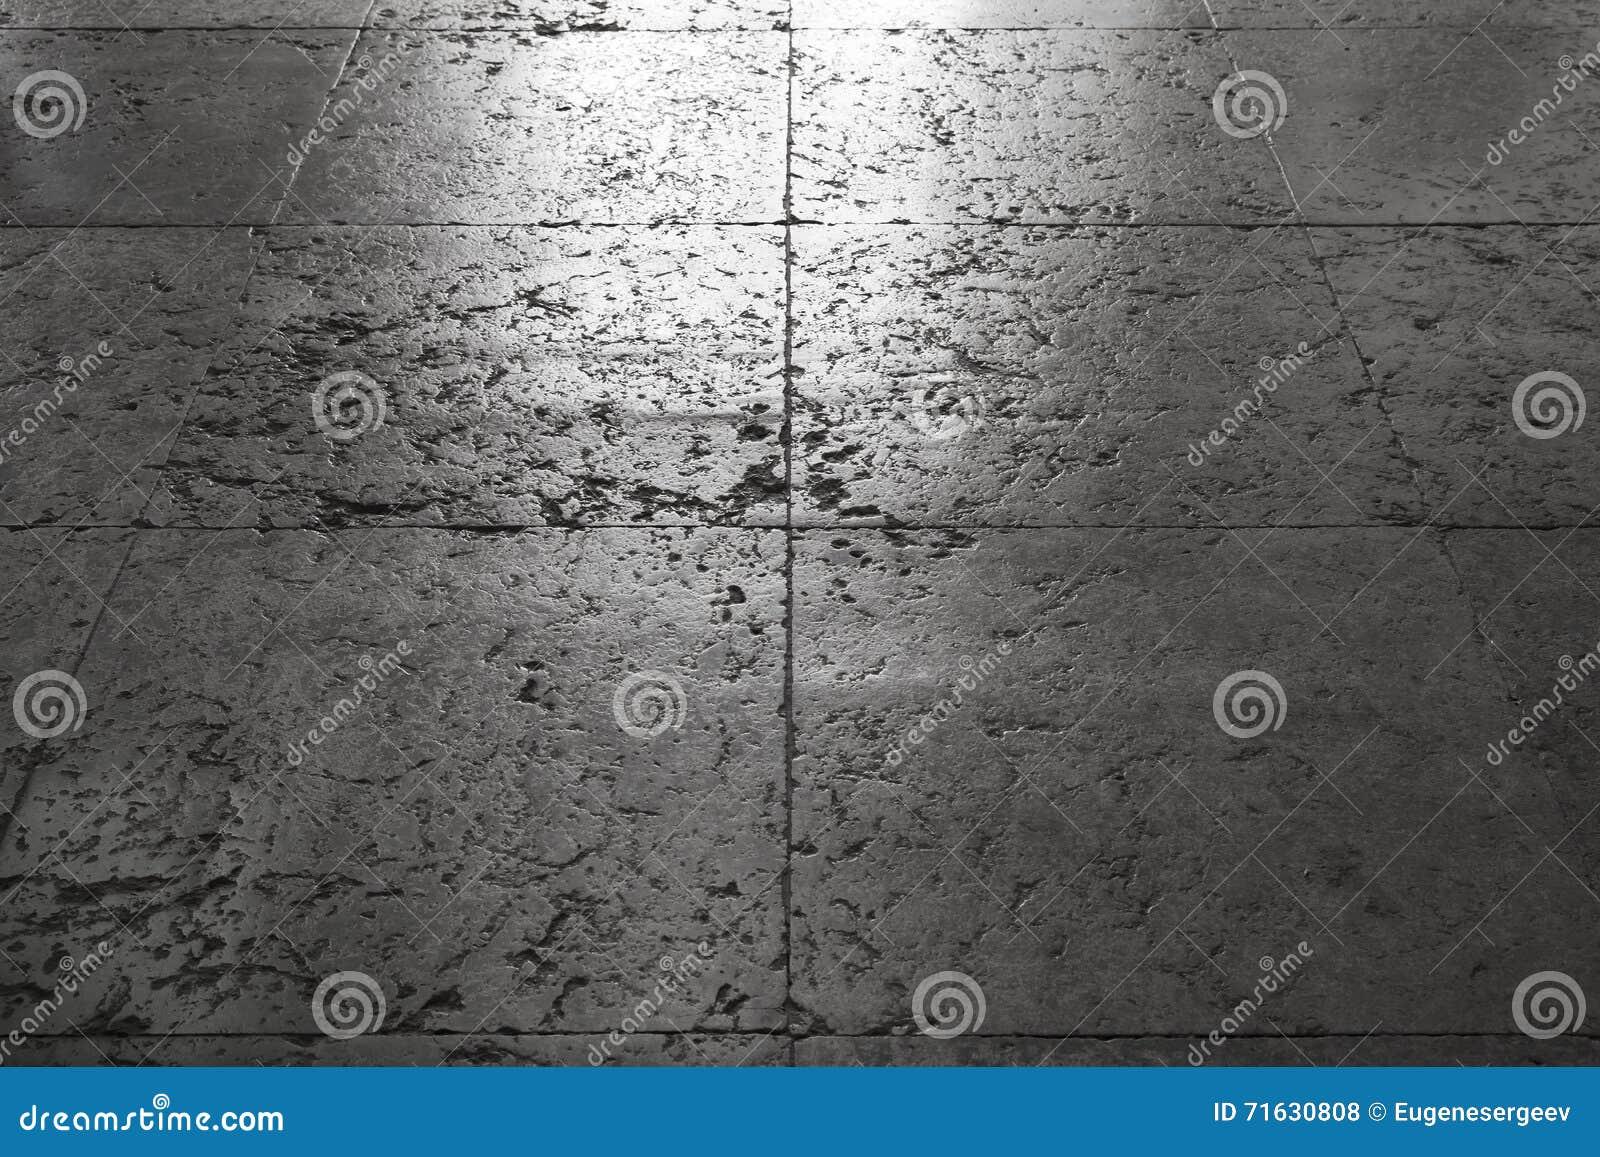 Glanzender Alter Grauer Steinboden Tiling Stockfoto Bild Von